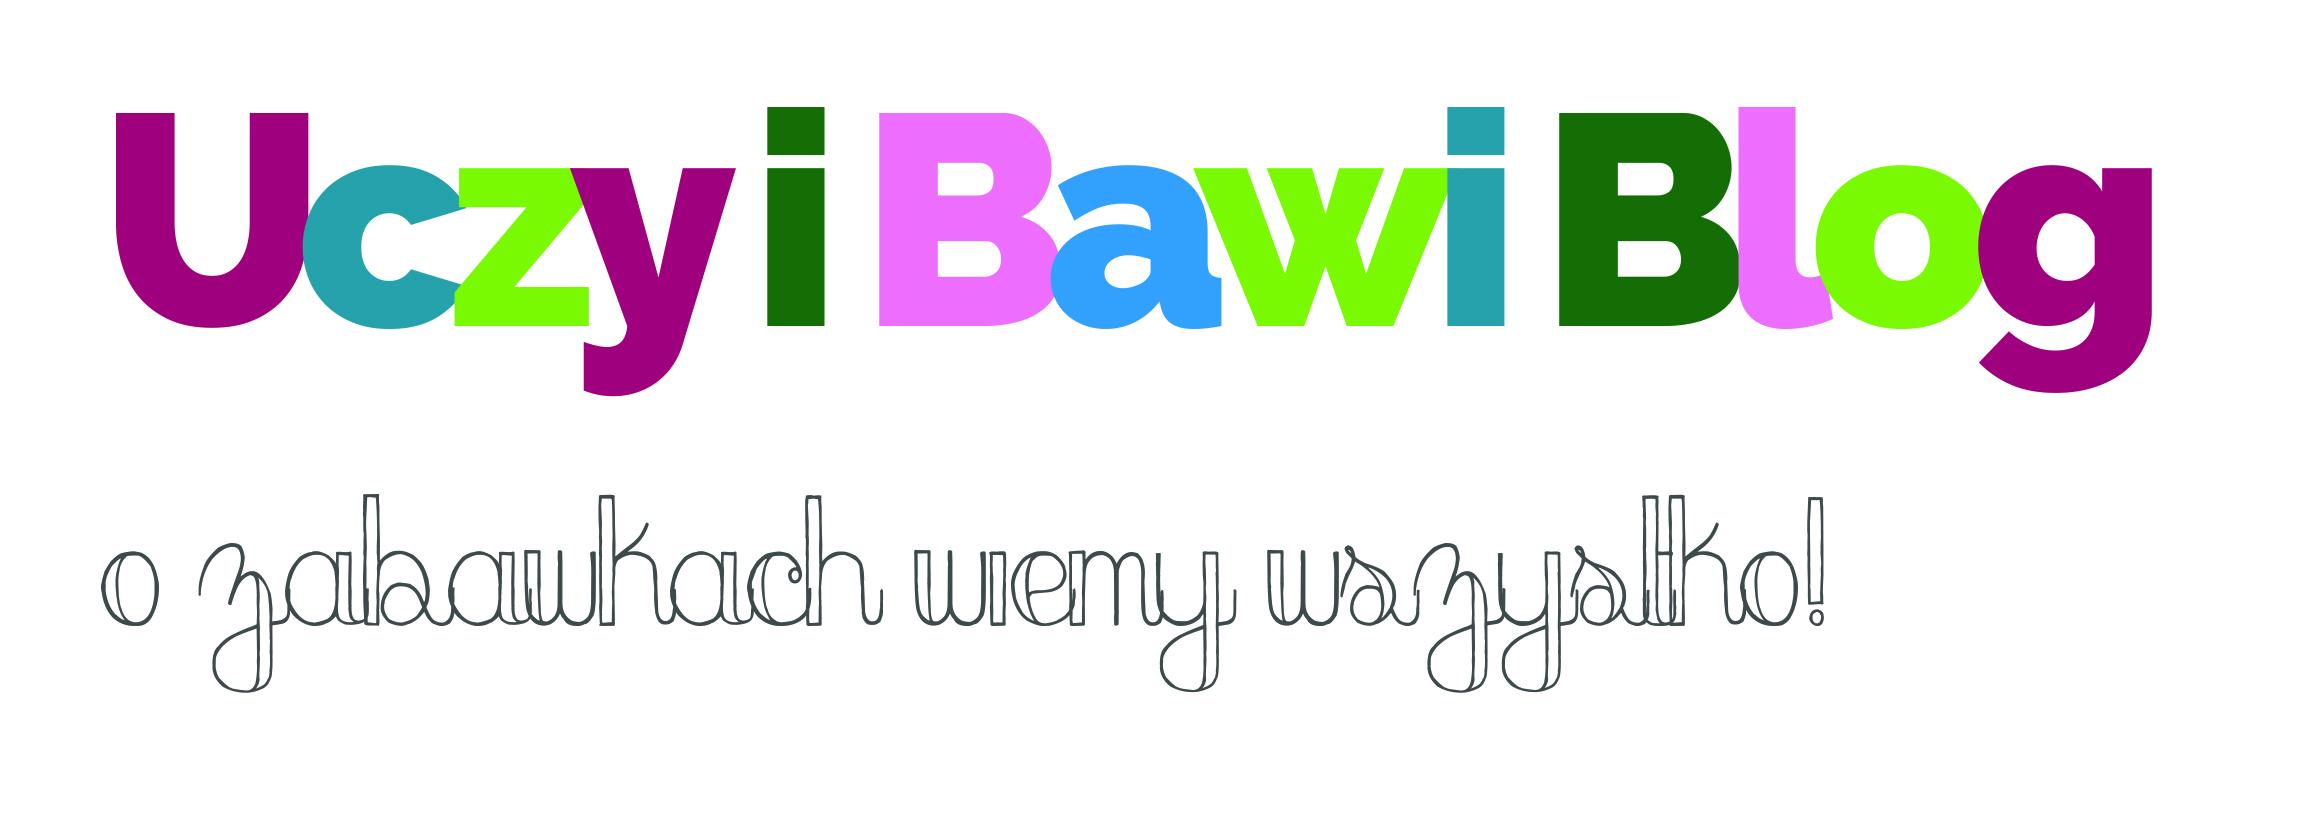 Uczy i Bawi Blog -